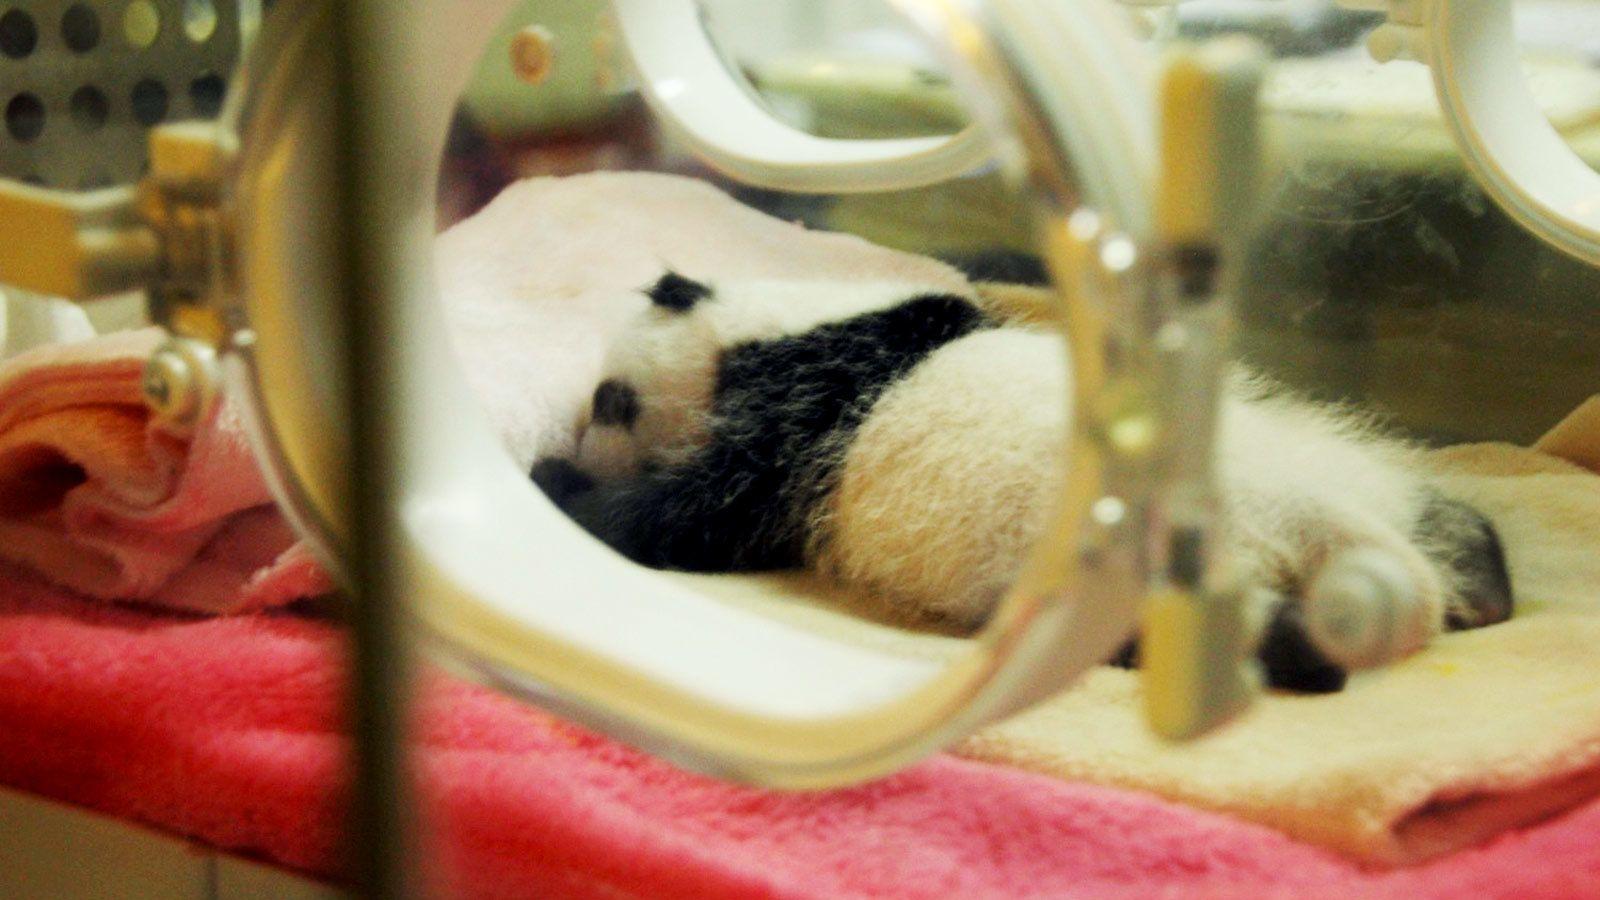 Baby panda in Chengdu